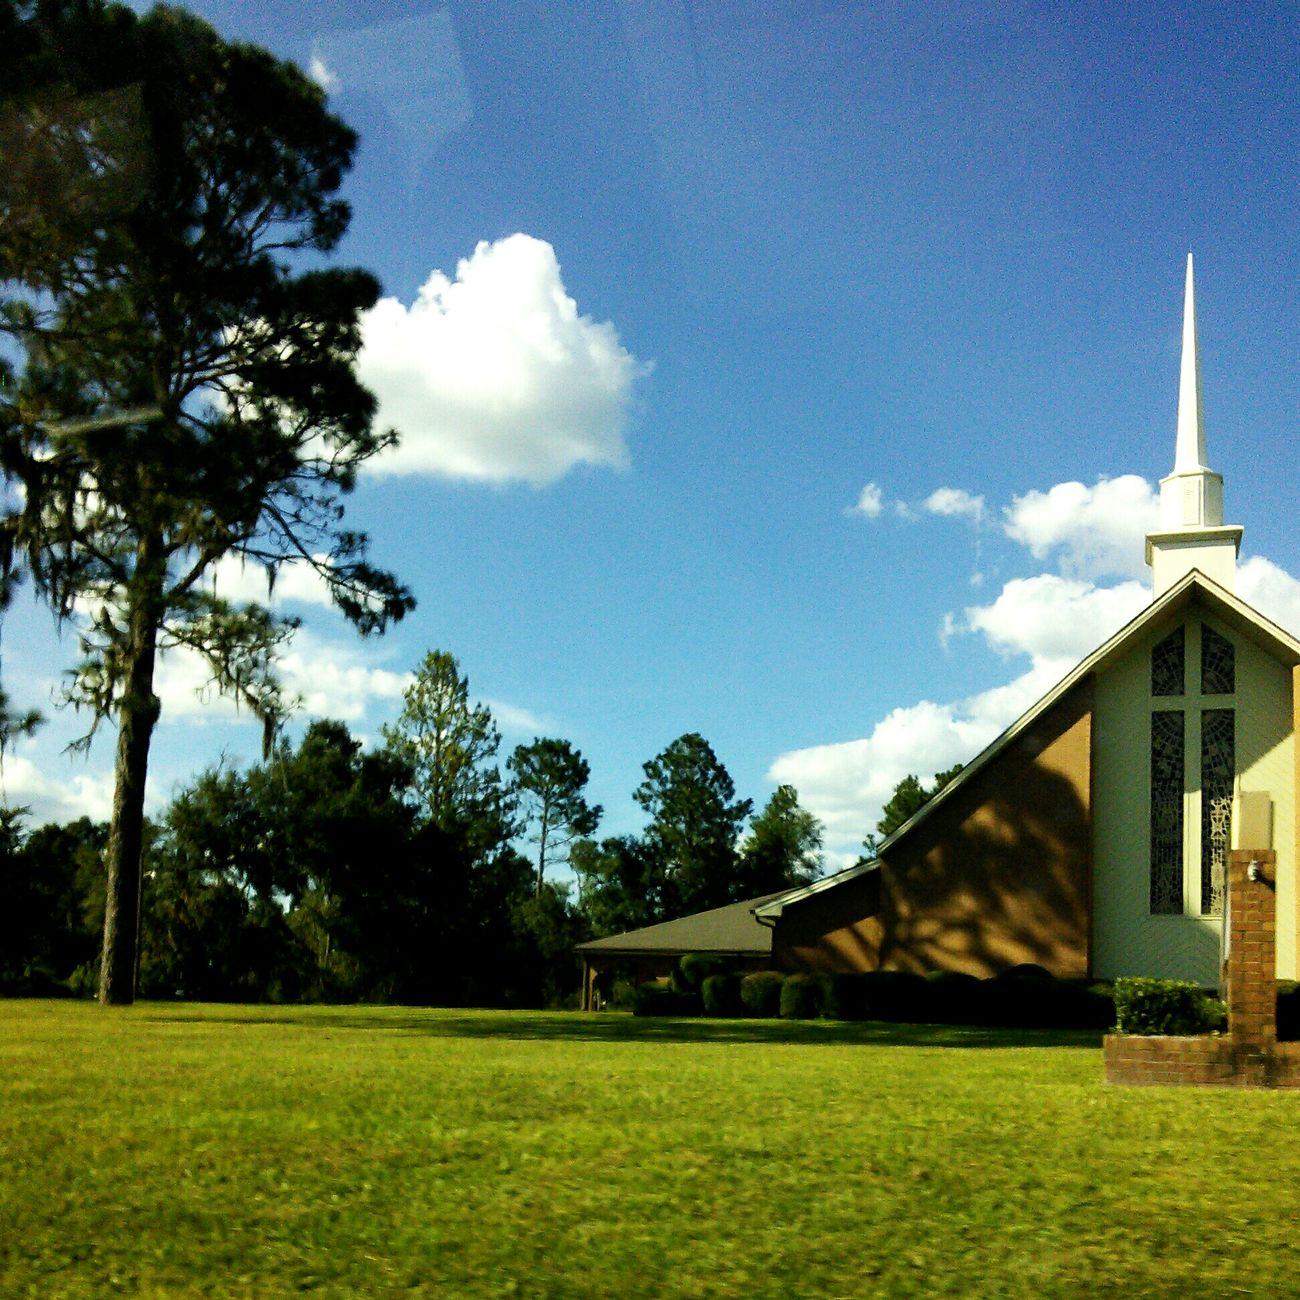 Blue Clouded Skies Church Steeple Trees🌳🌲🌳